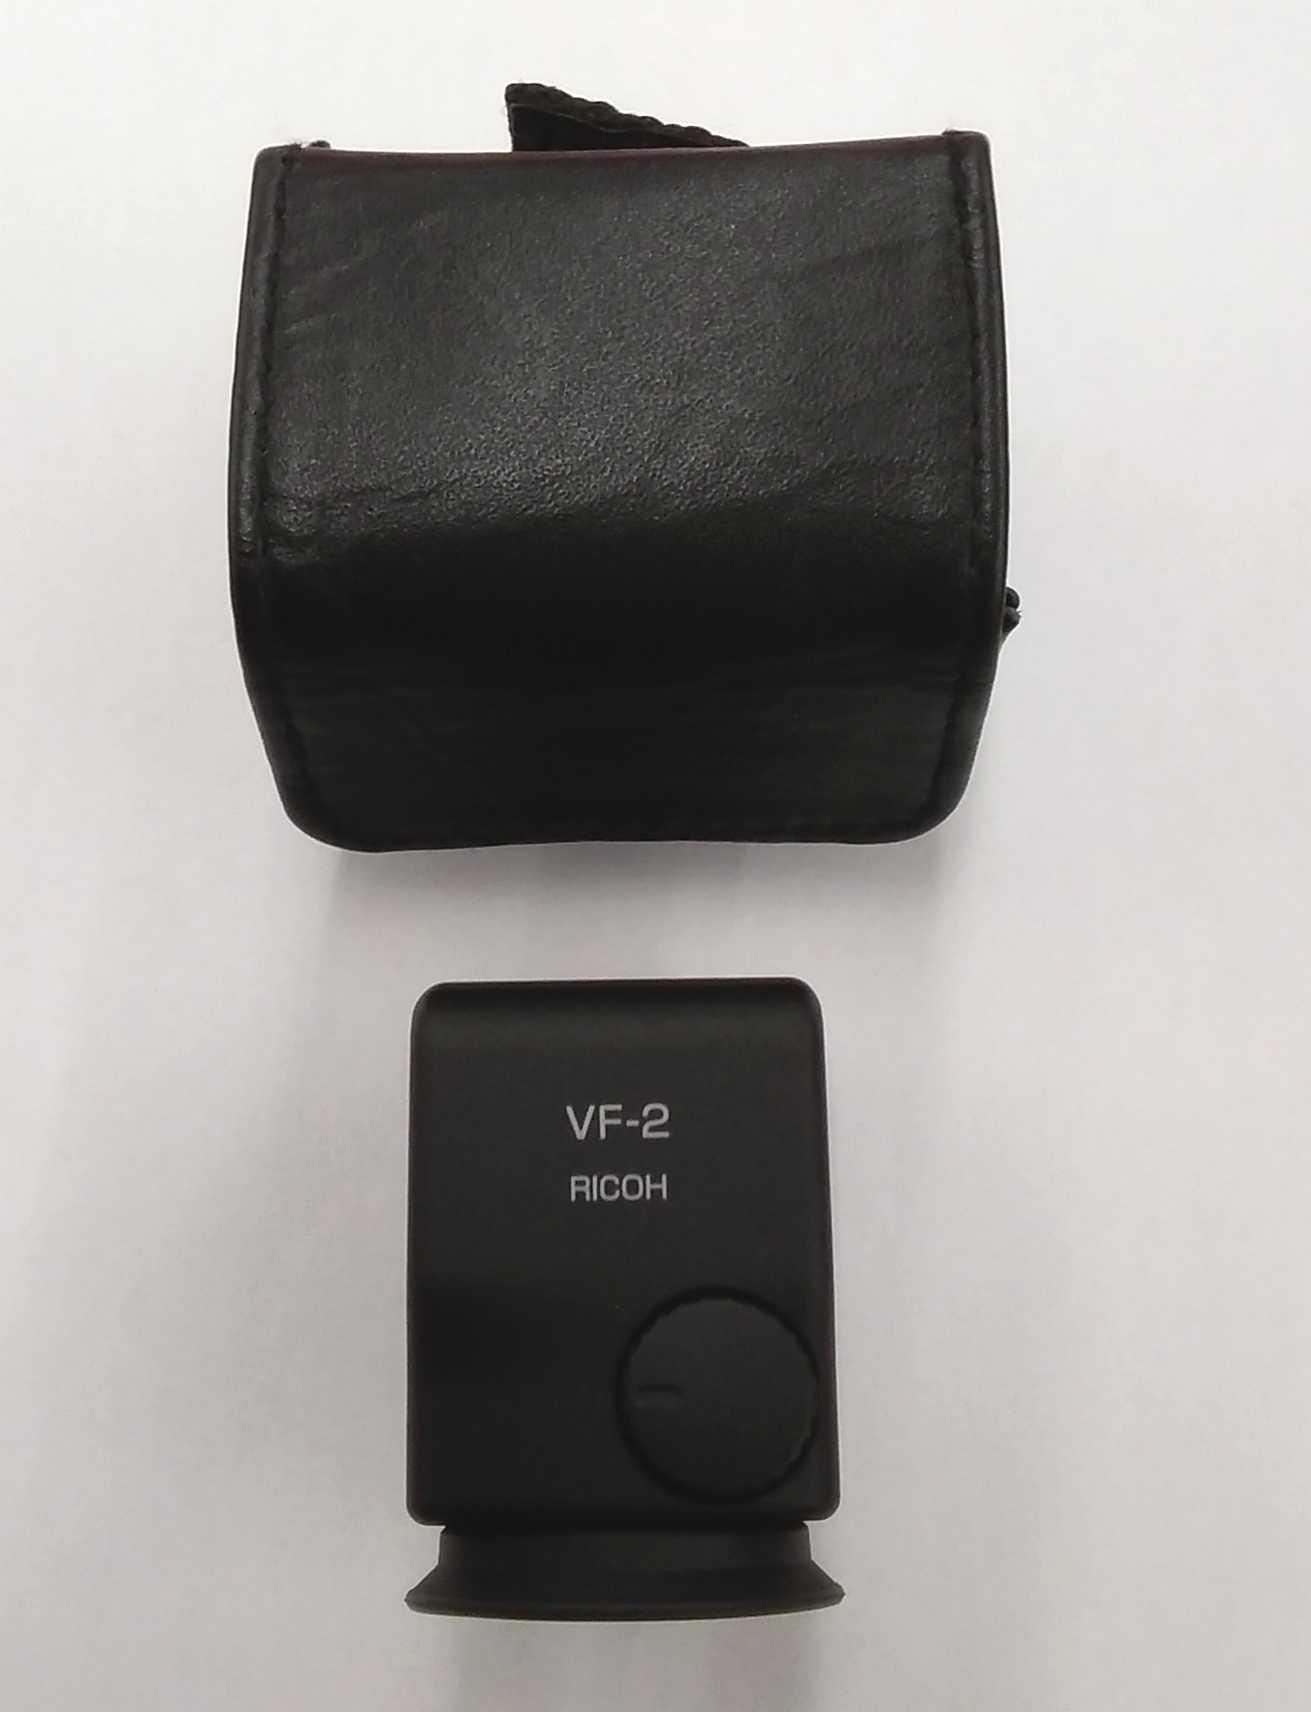 カメラアクセサリー関連商品|RICOH